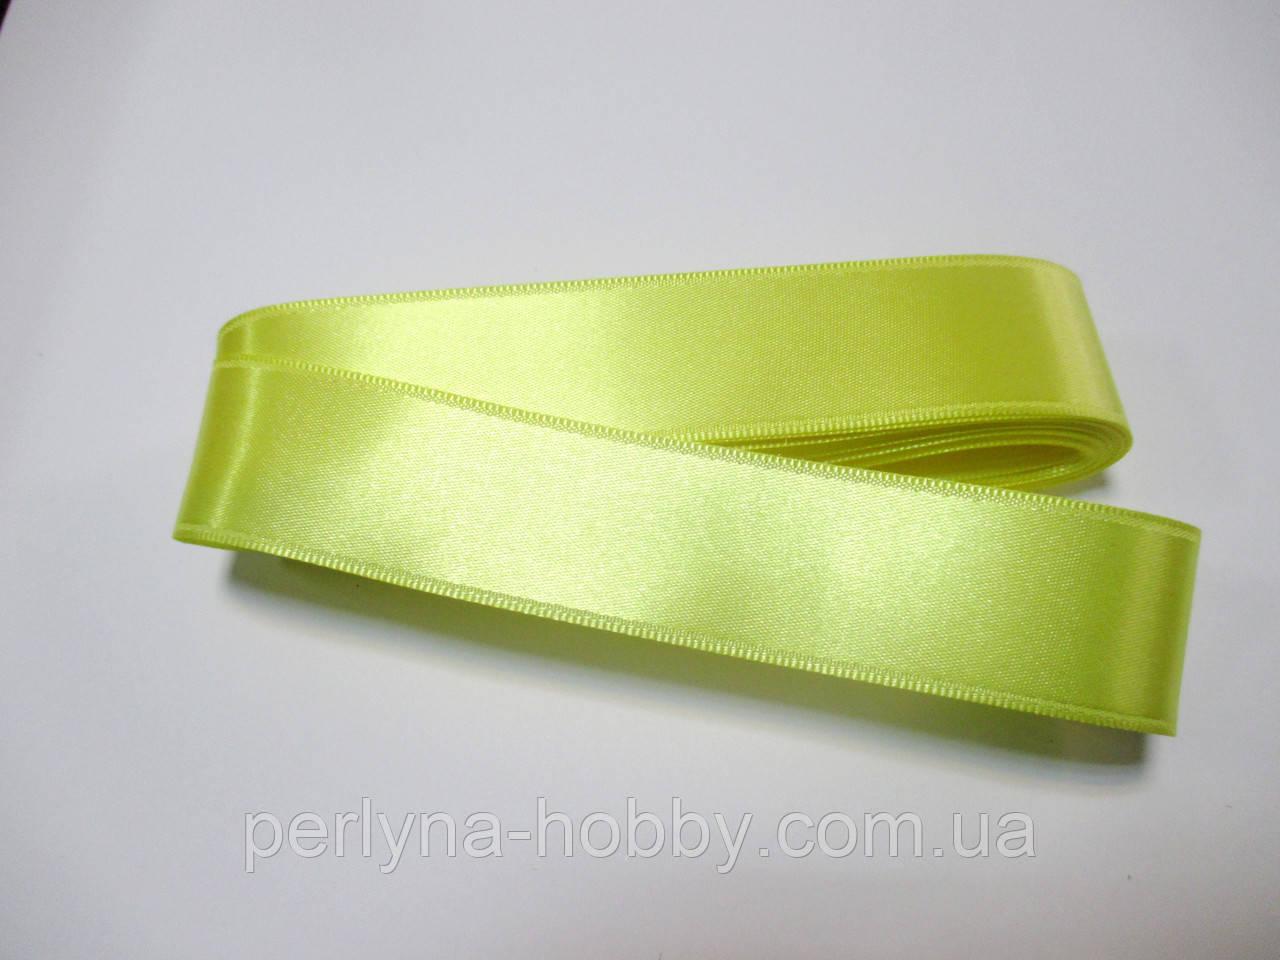 Стрічка атласна  двостороння 3 см ( 10 метрів) жовта лимонна  Н-03-082